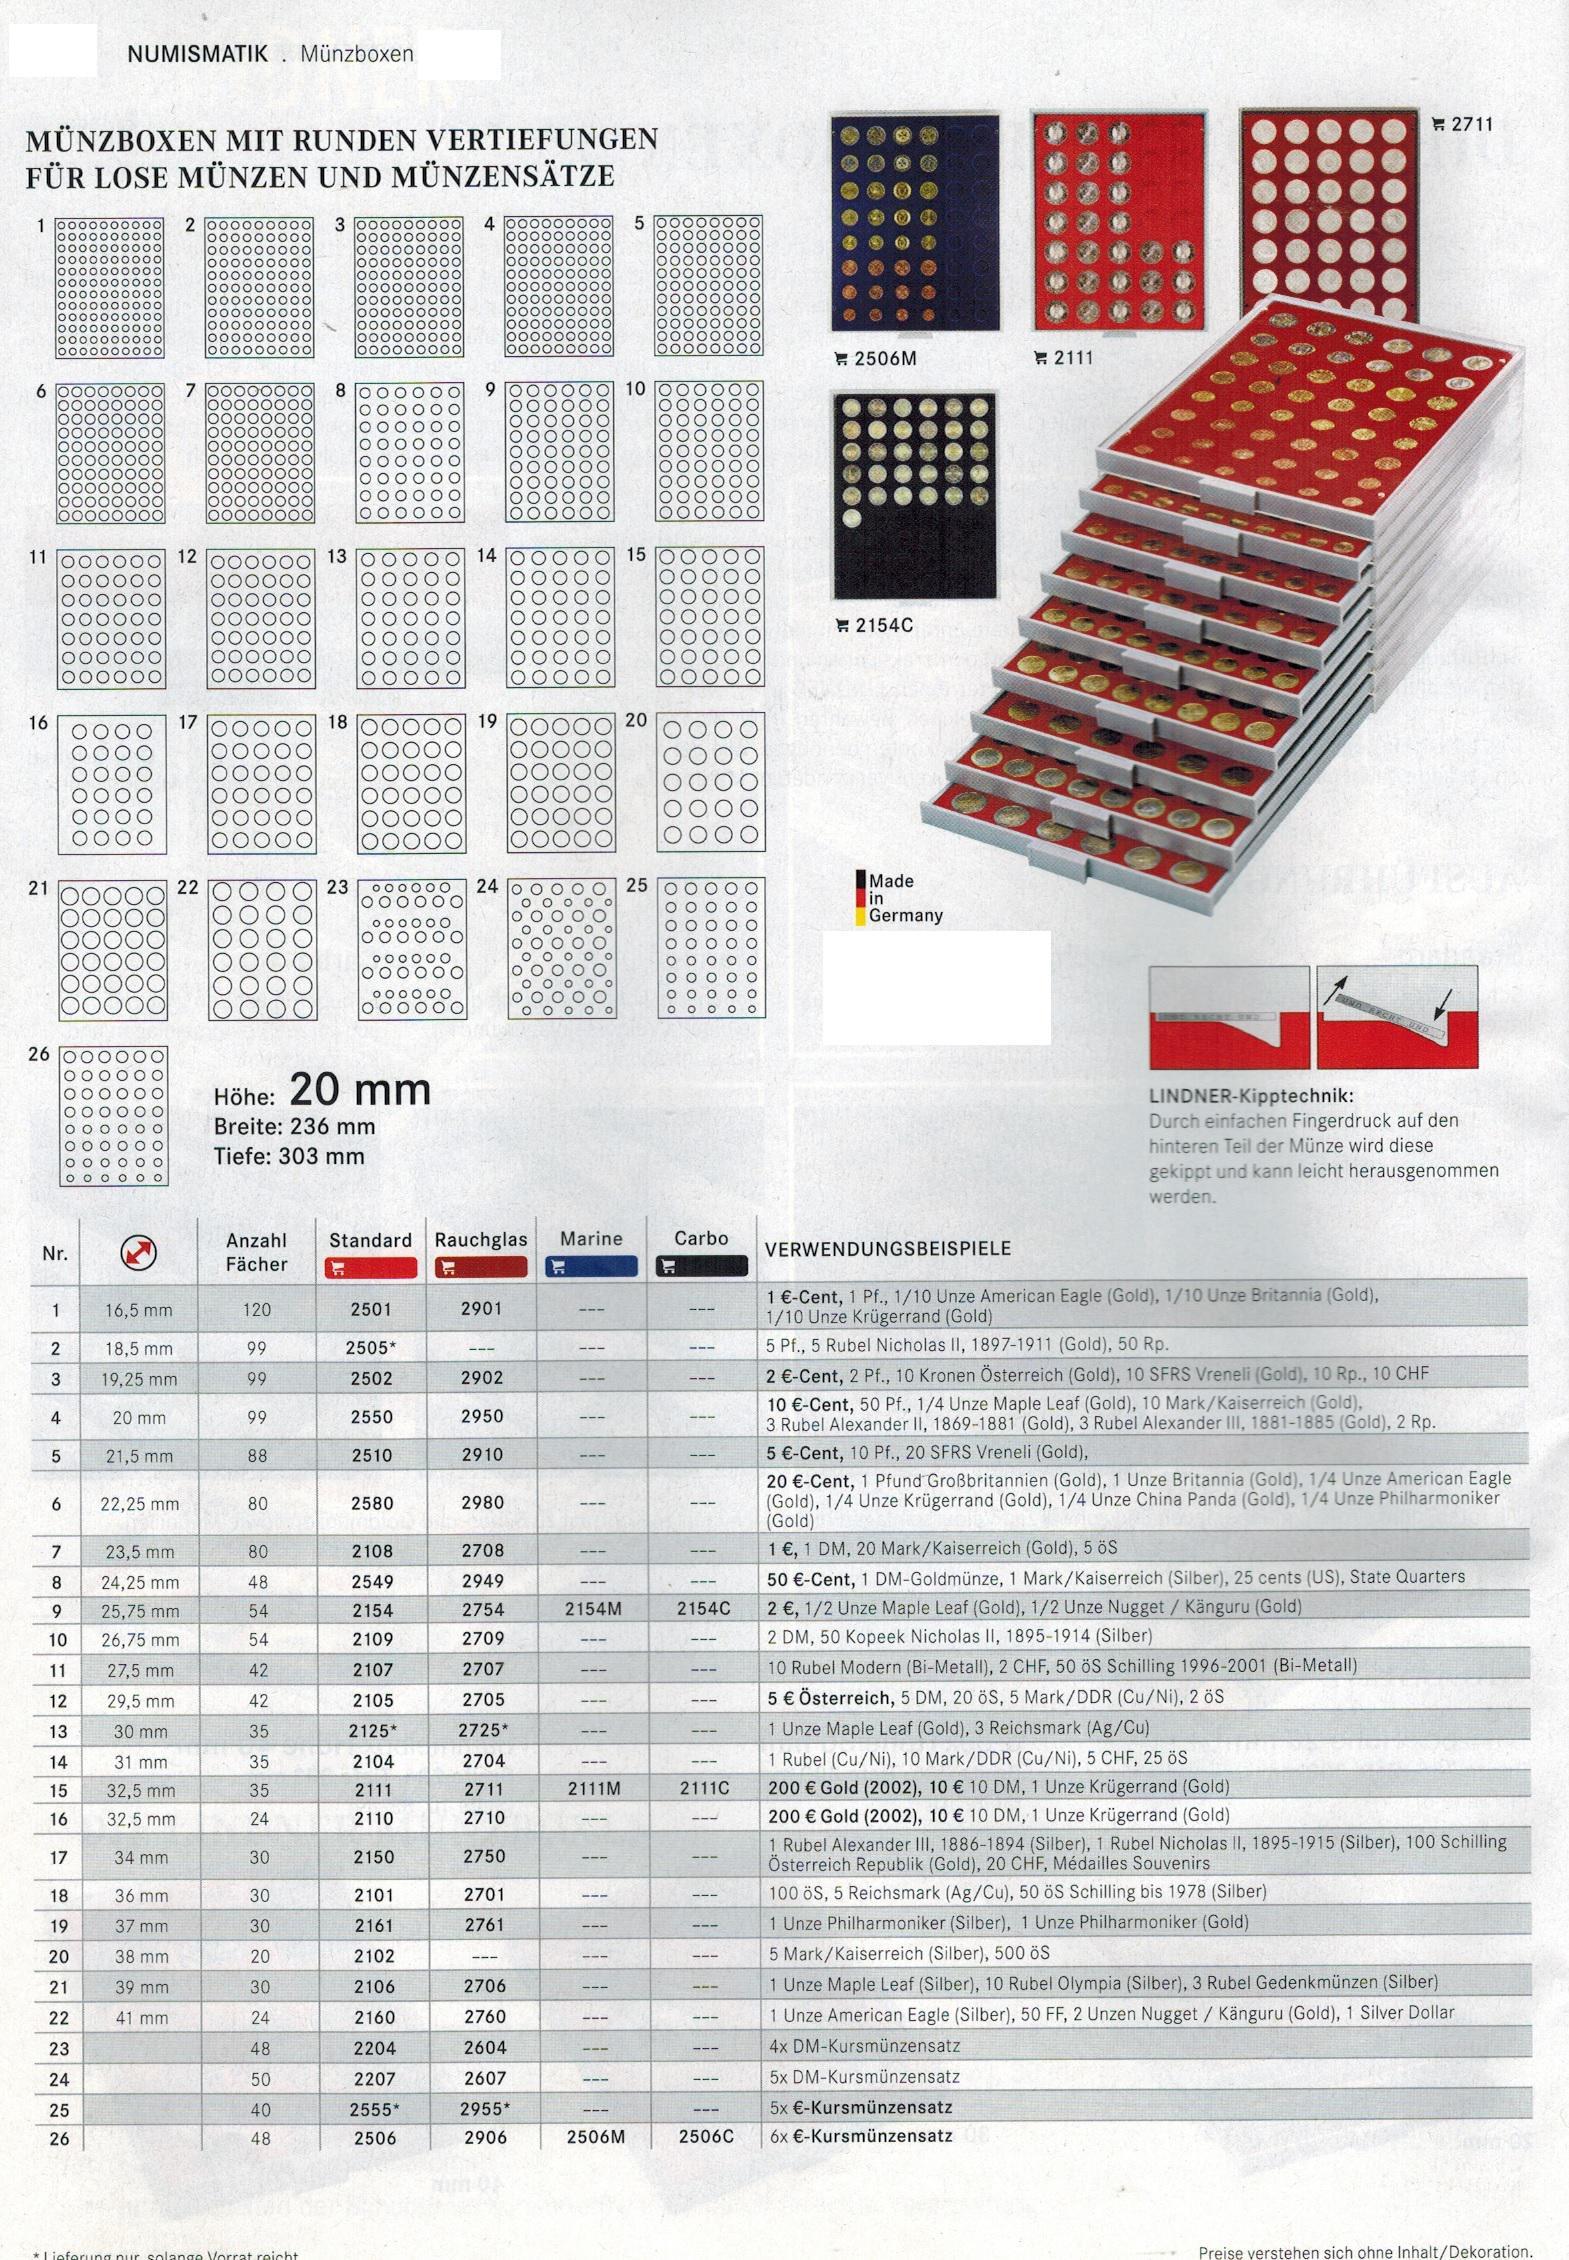 LINDNER 2358B Boxen-Koffer Münzboxenkoffer Koffer Aluminium befüllt ...